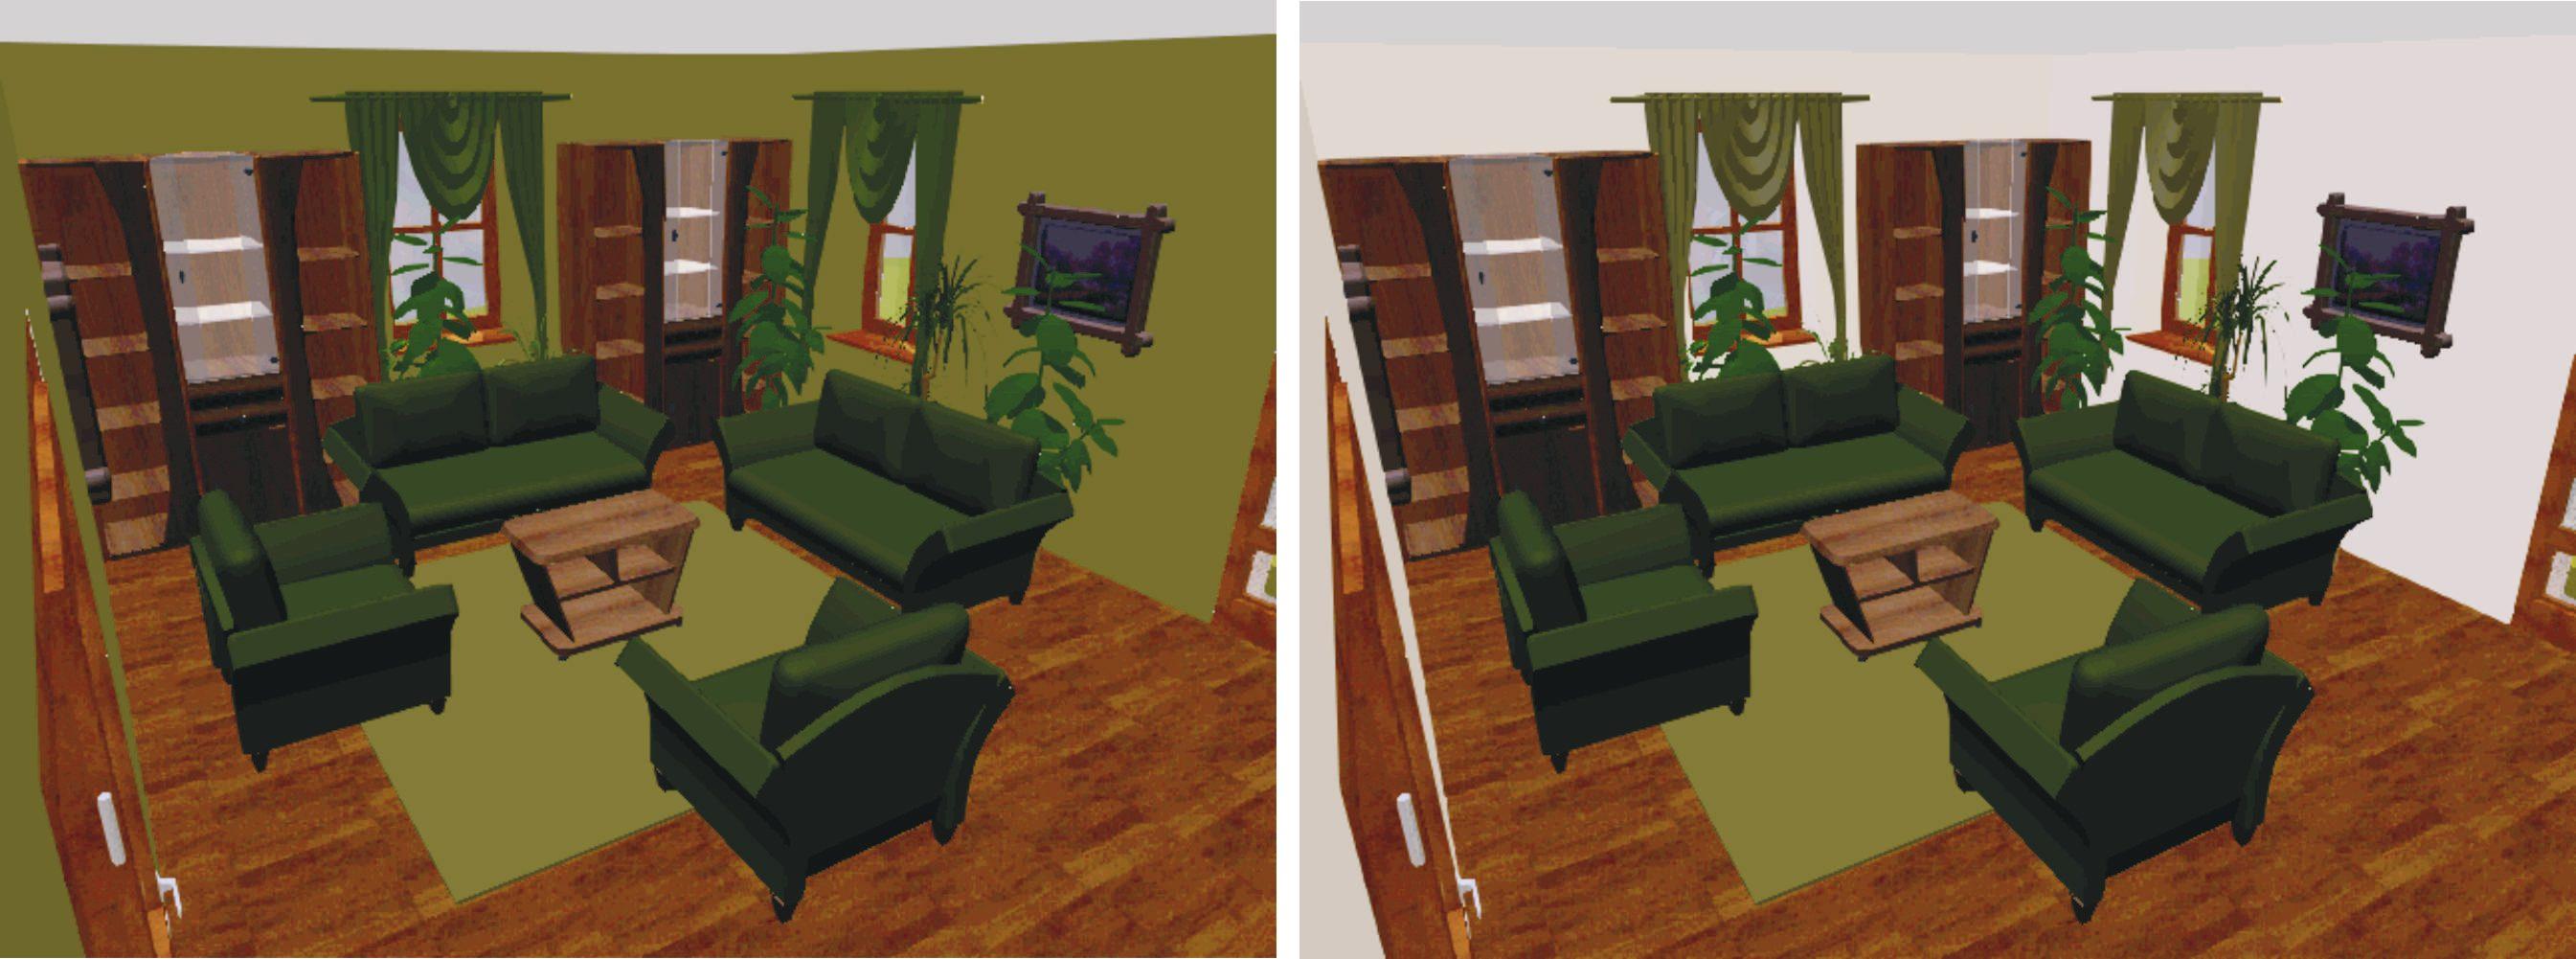 A baloldali szoba lakójának már megint sikerült túlzásba esnie. Ebben a szobában minden zöld - még szerencse, hogy a szekrény és a padló nem... A szoba már attól sokkal frissebbé válik, ha átfestjük a falat és egy kicsit világosabb zöldre cseréljük a függönyt.